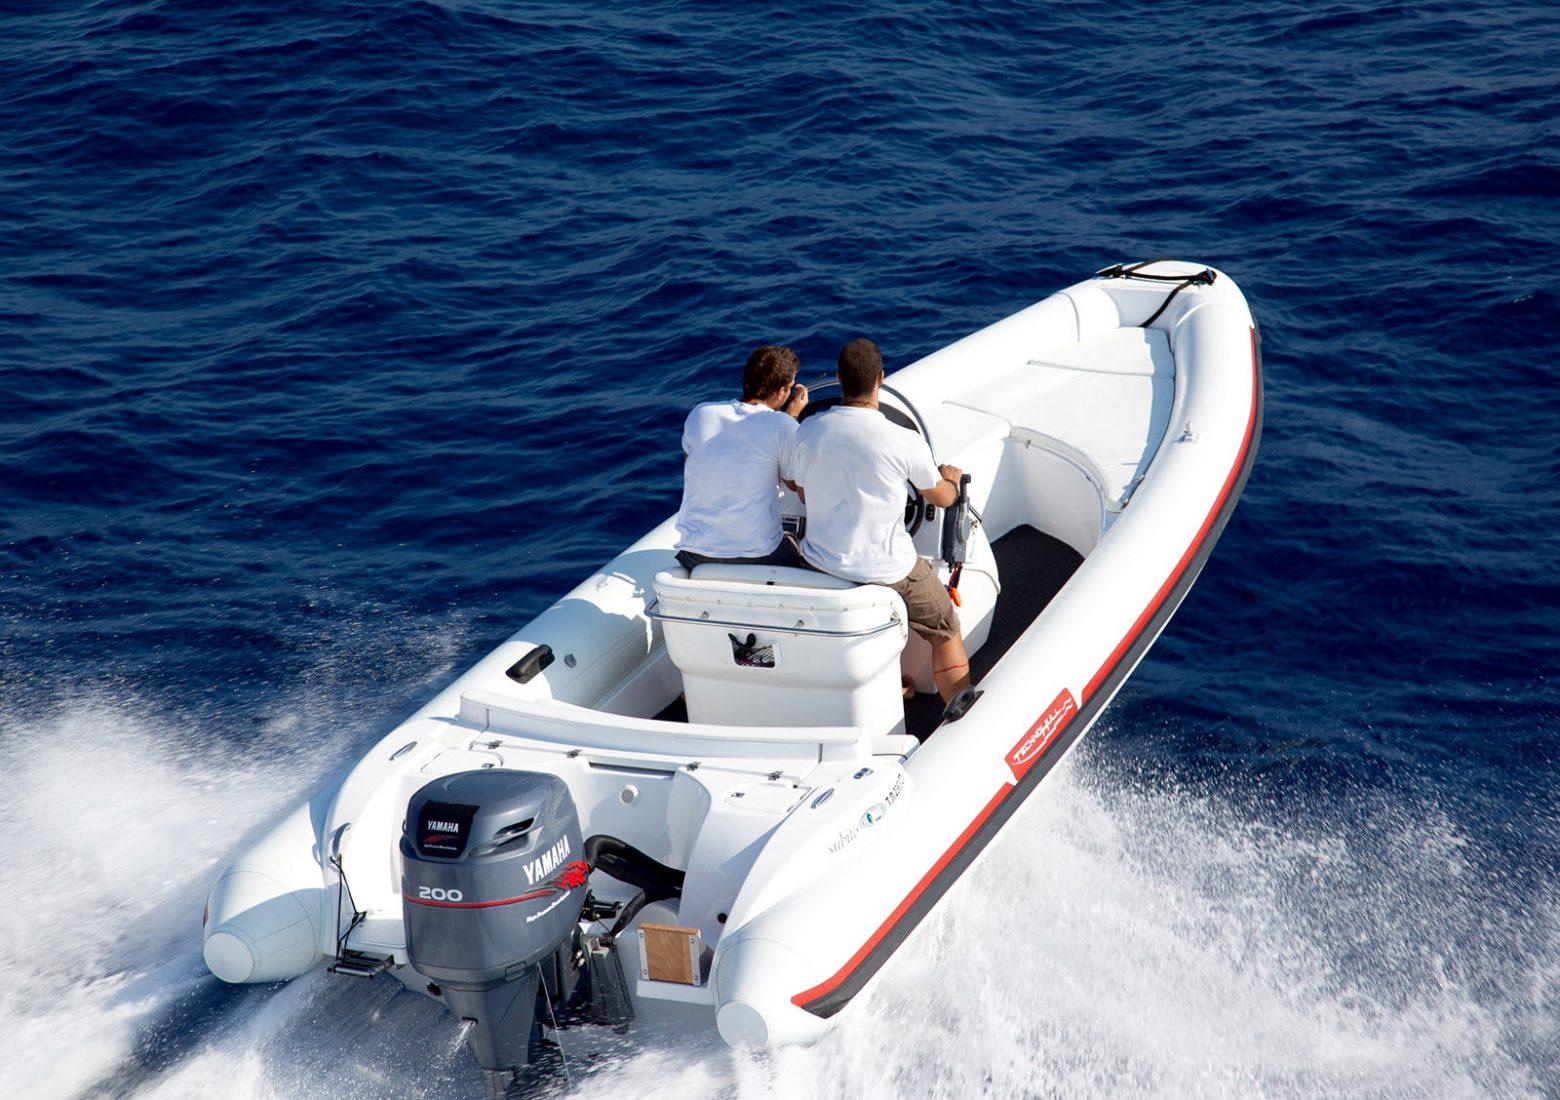 סירה חצי קשיחה TECHNOHULL SEADRUG 688 סטרים יאכטות - סירה חצי קשיחה TECHNOHULL seaDRUG 688 - סטרים יאכטות